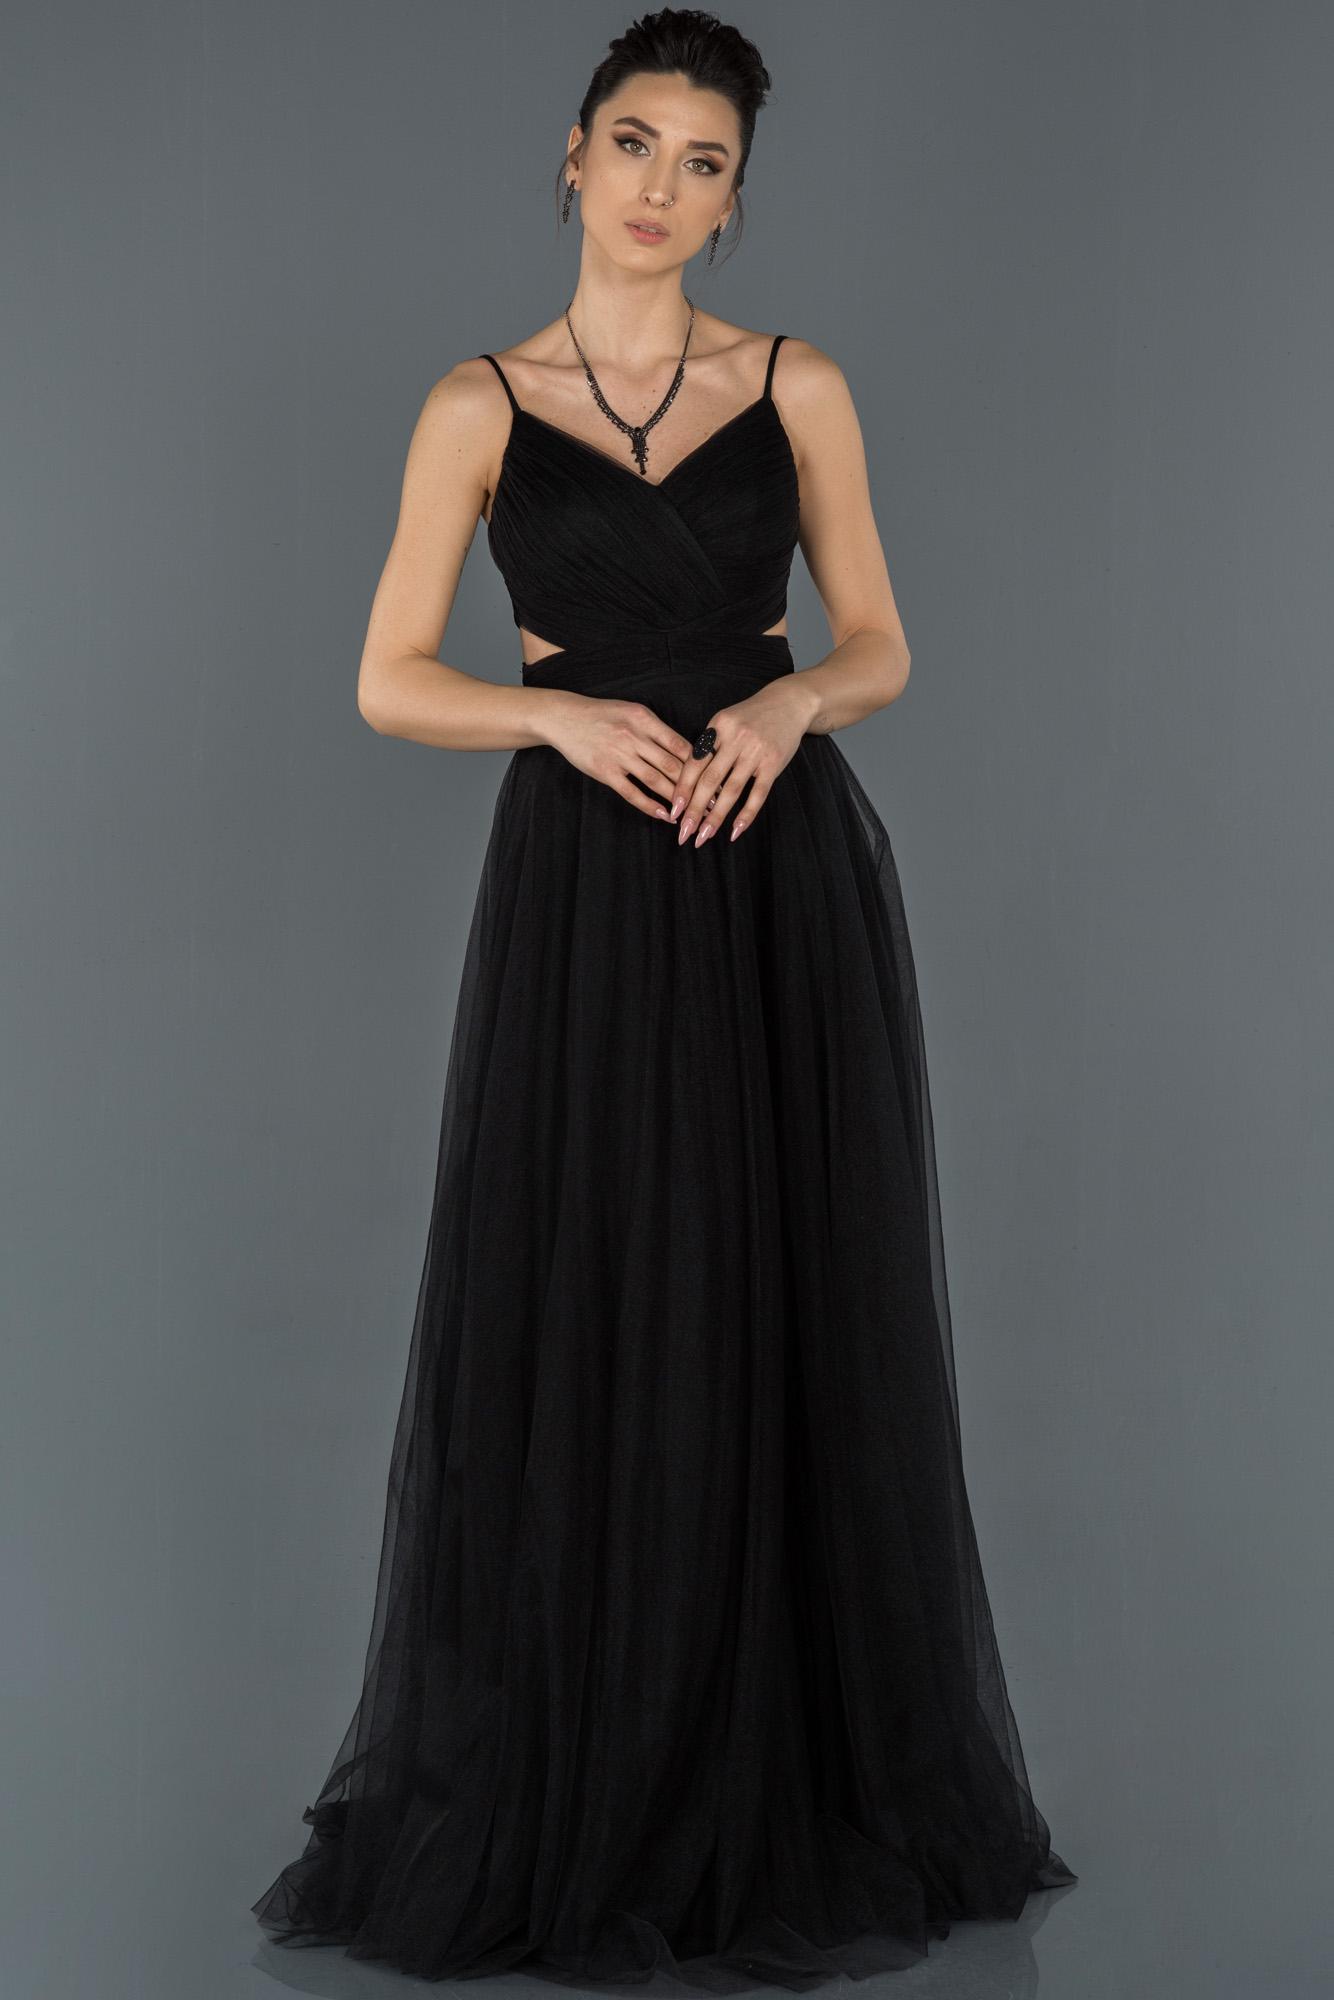 Siyah Uzun Ip Askılı Tüllü Abiye Elbise